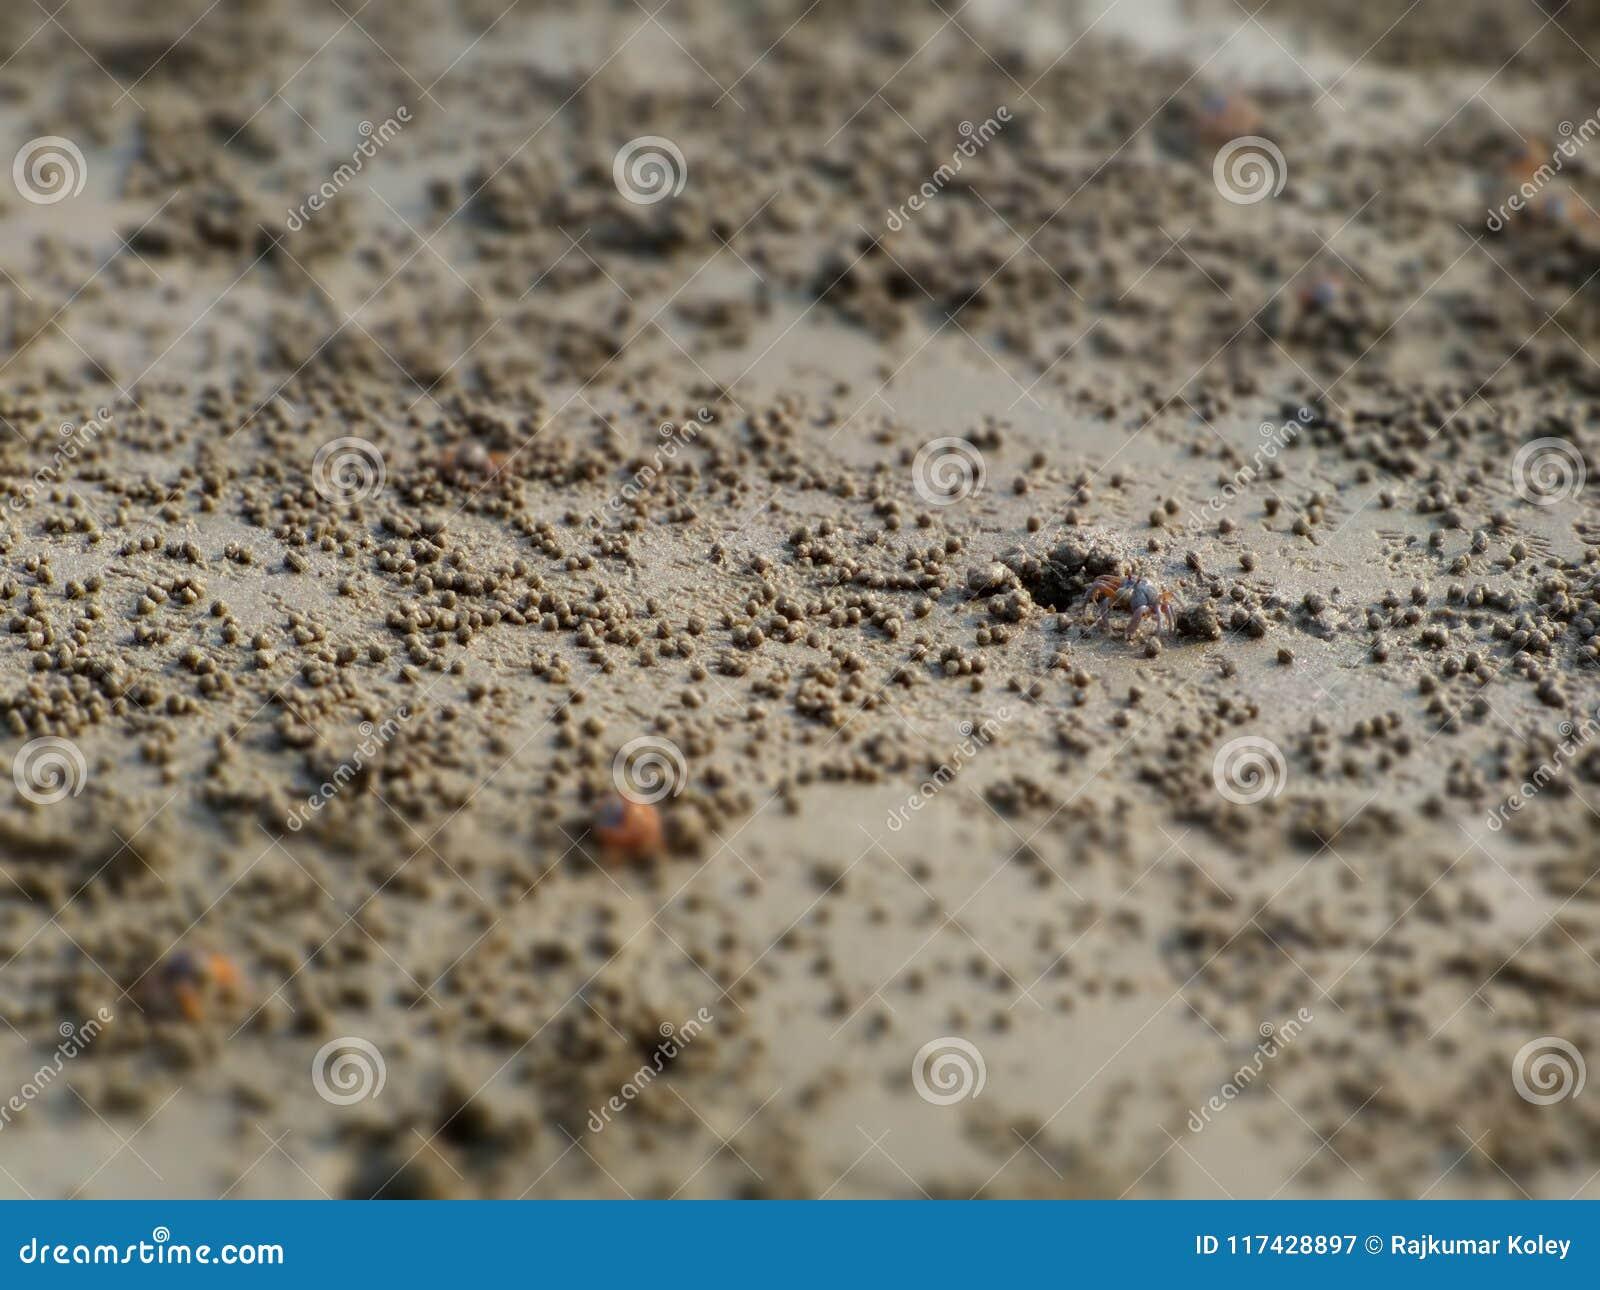 Caranguejos que saem da areia molhada